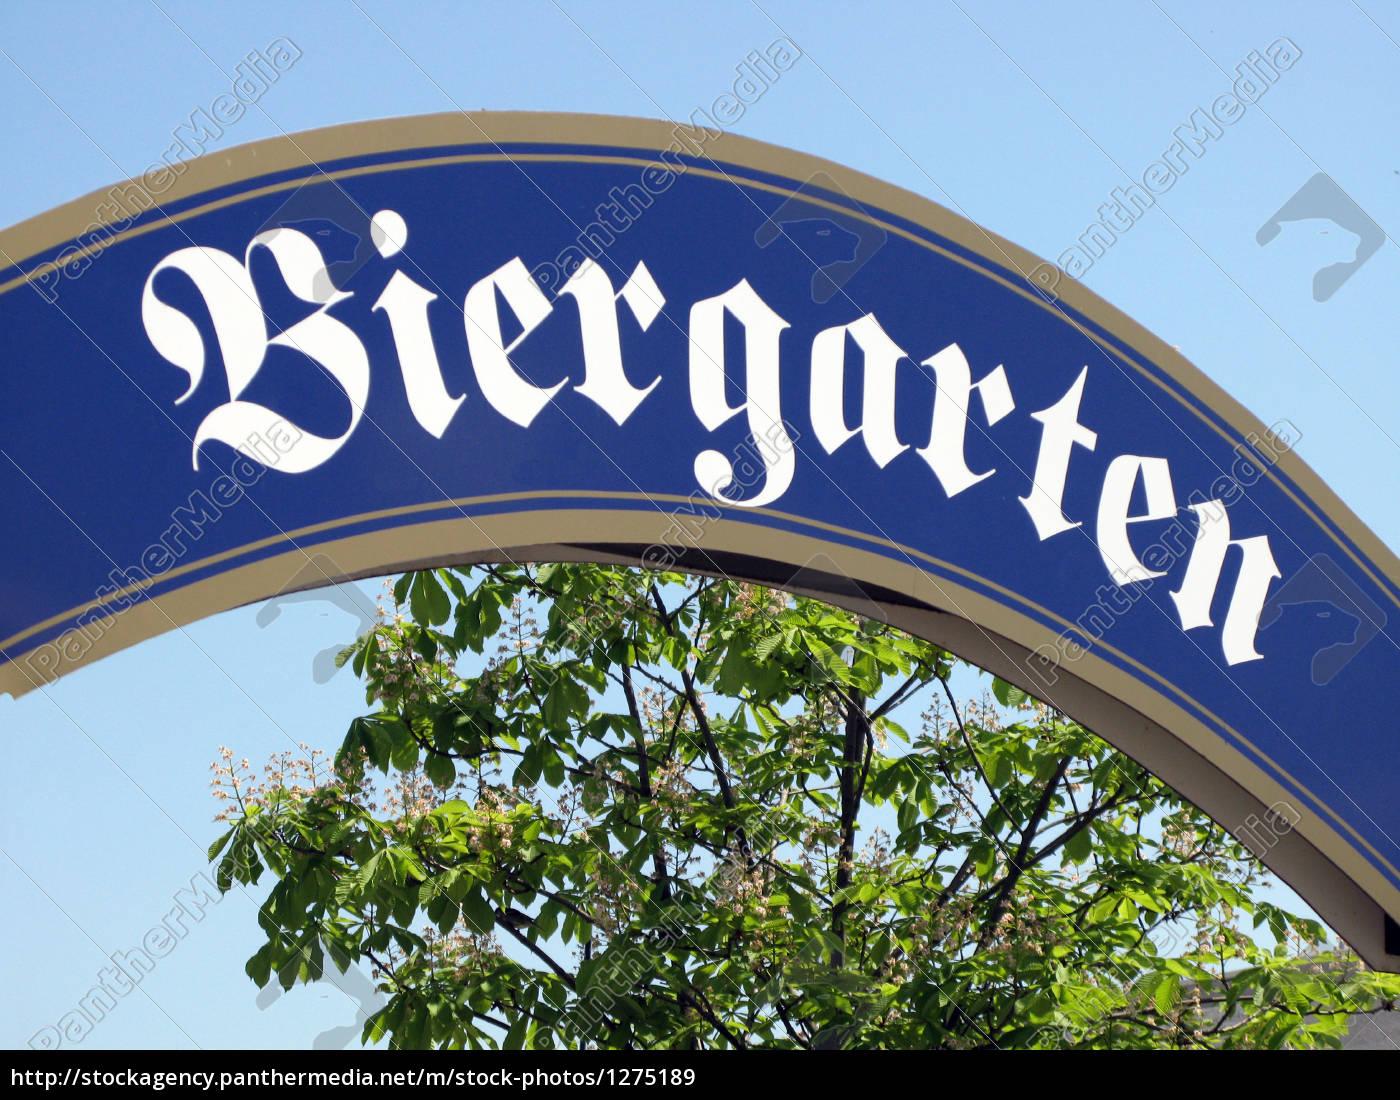 biergarten - 1275189